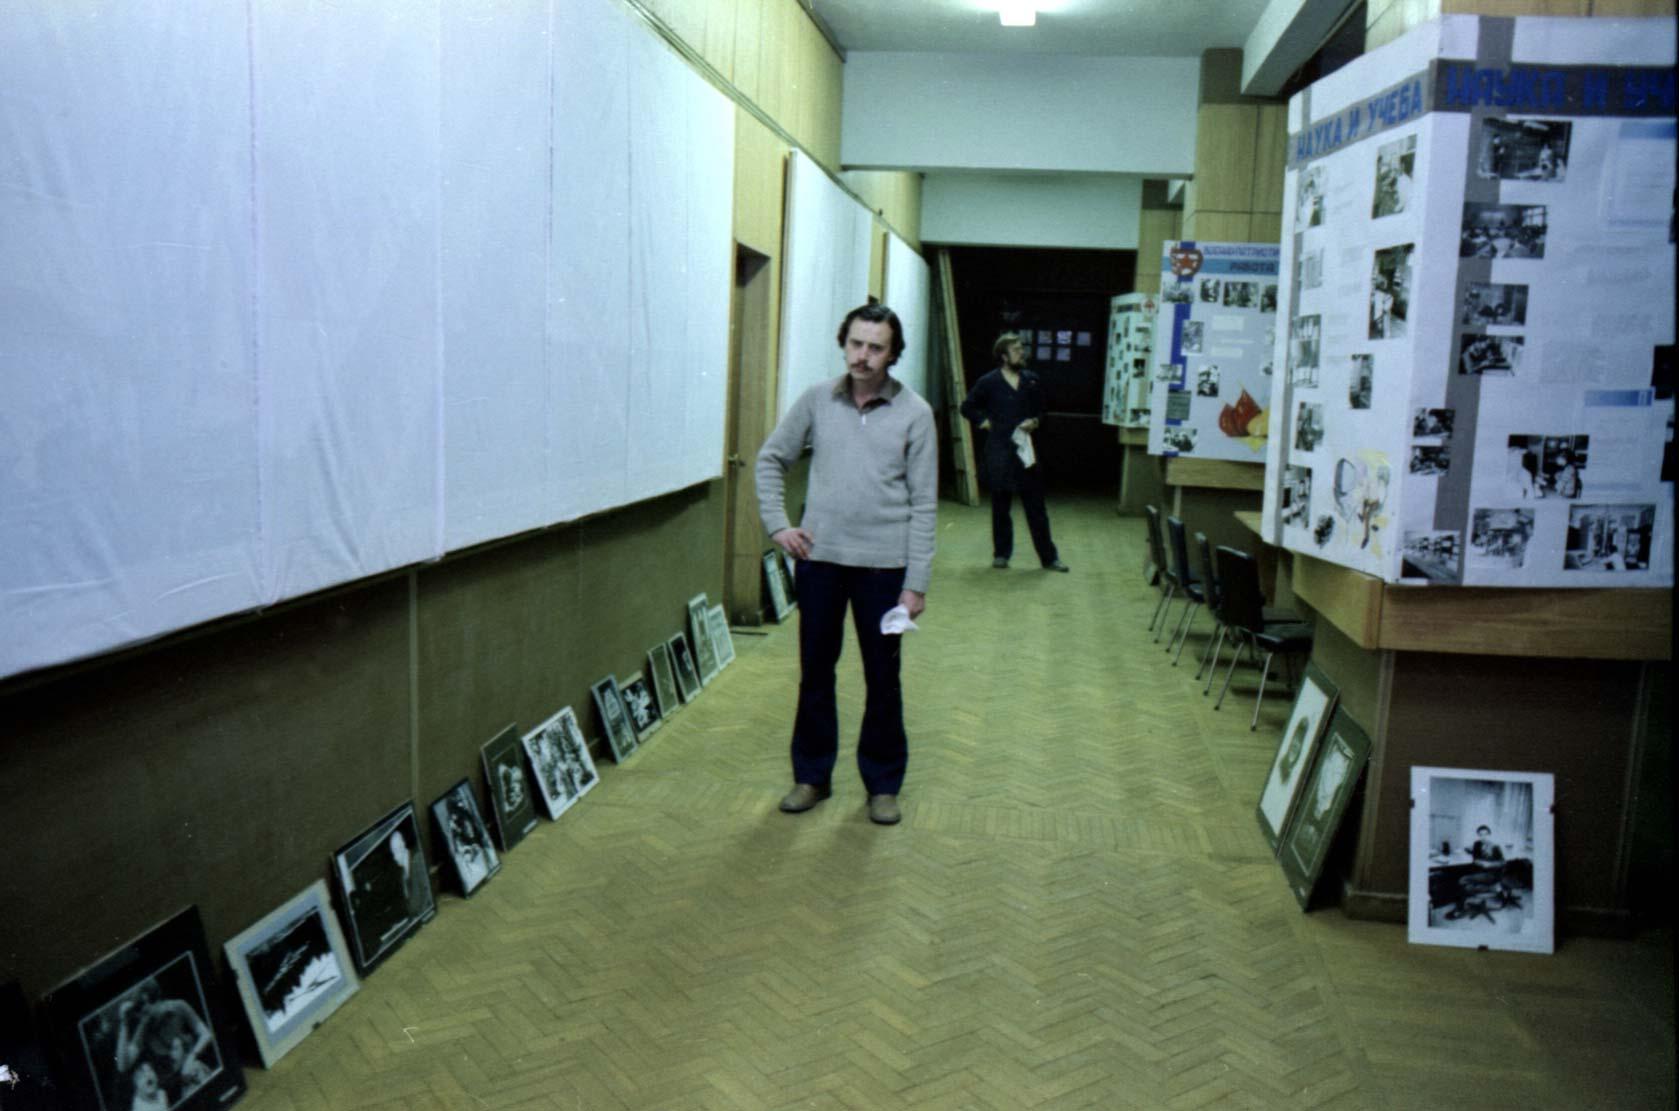 Ладыгин И., Давыдов Д. октябрь 1987. Мой подвал 16